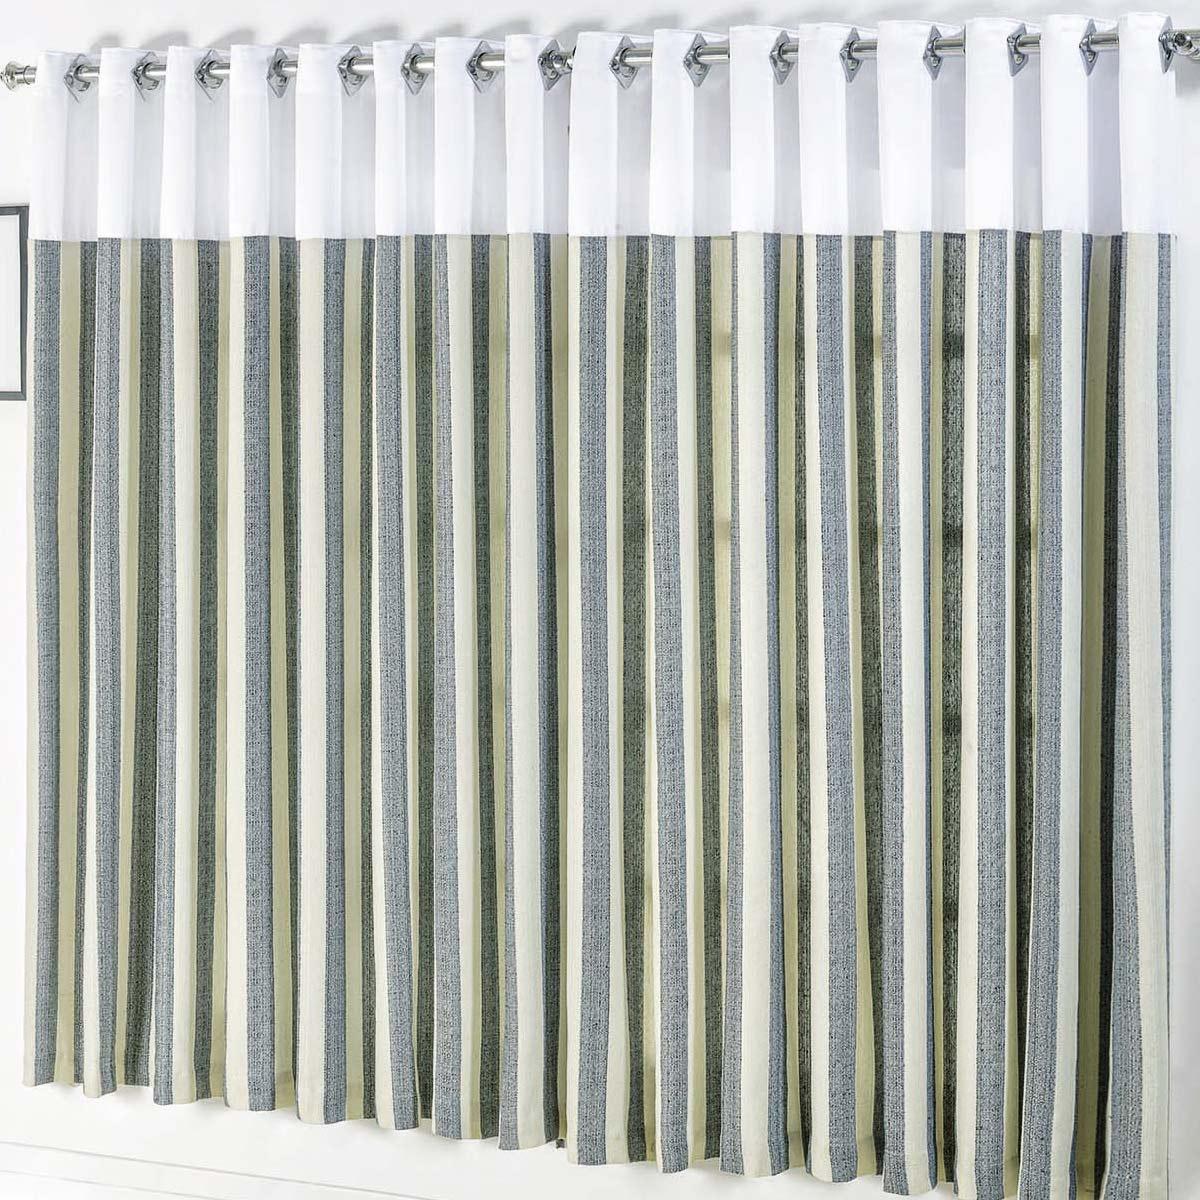 Cortina com Ilhós Cromado Estampado com Branco 2 metros em Tecido Rústico varão Simples - Cortina Madri